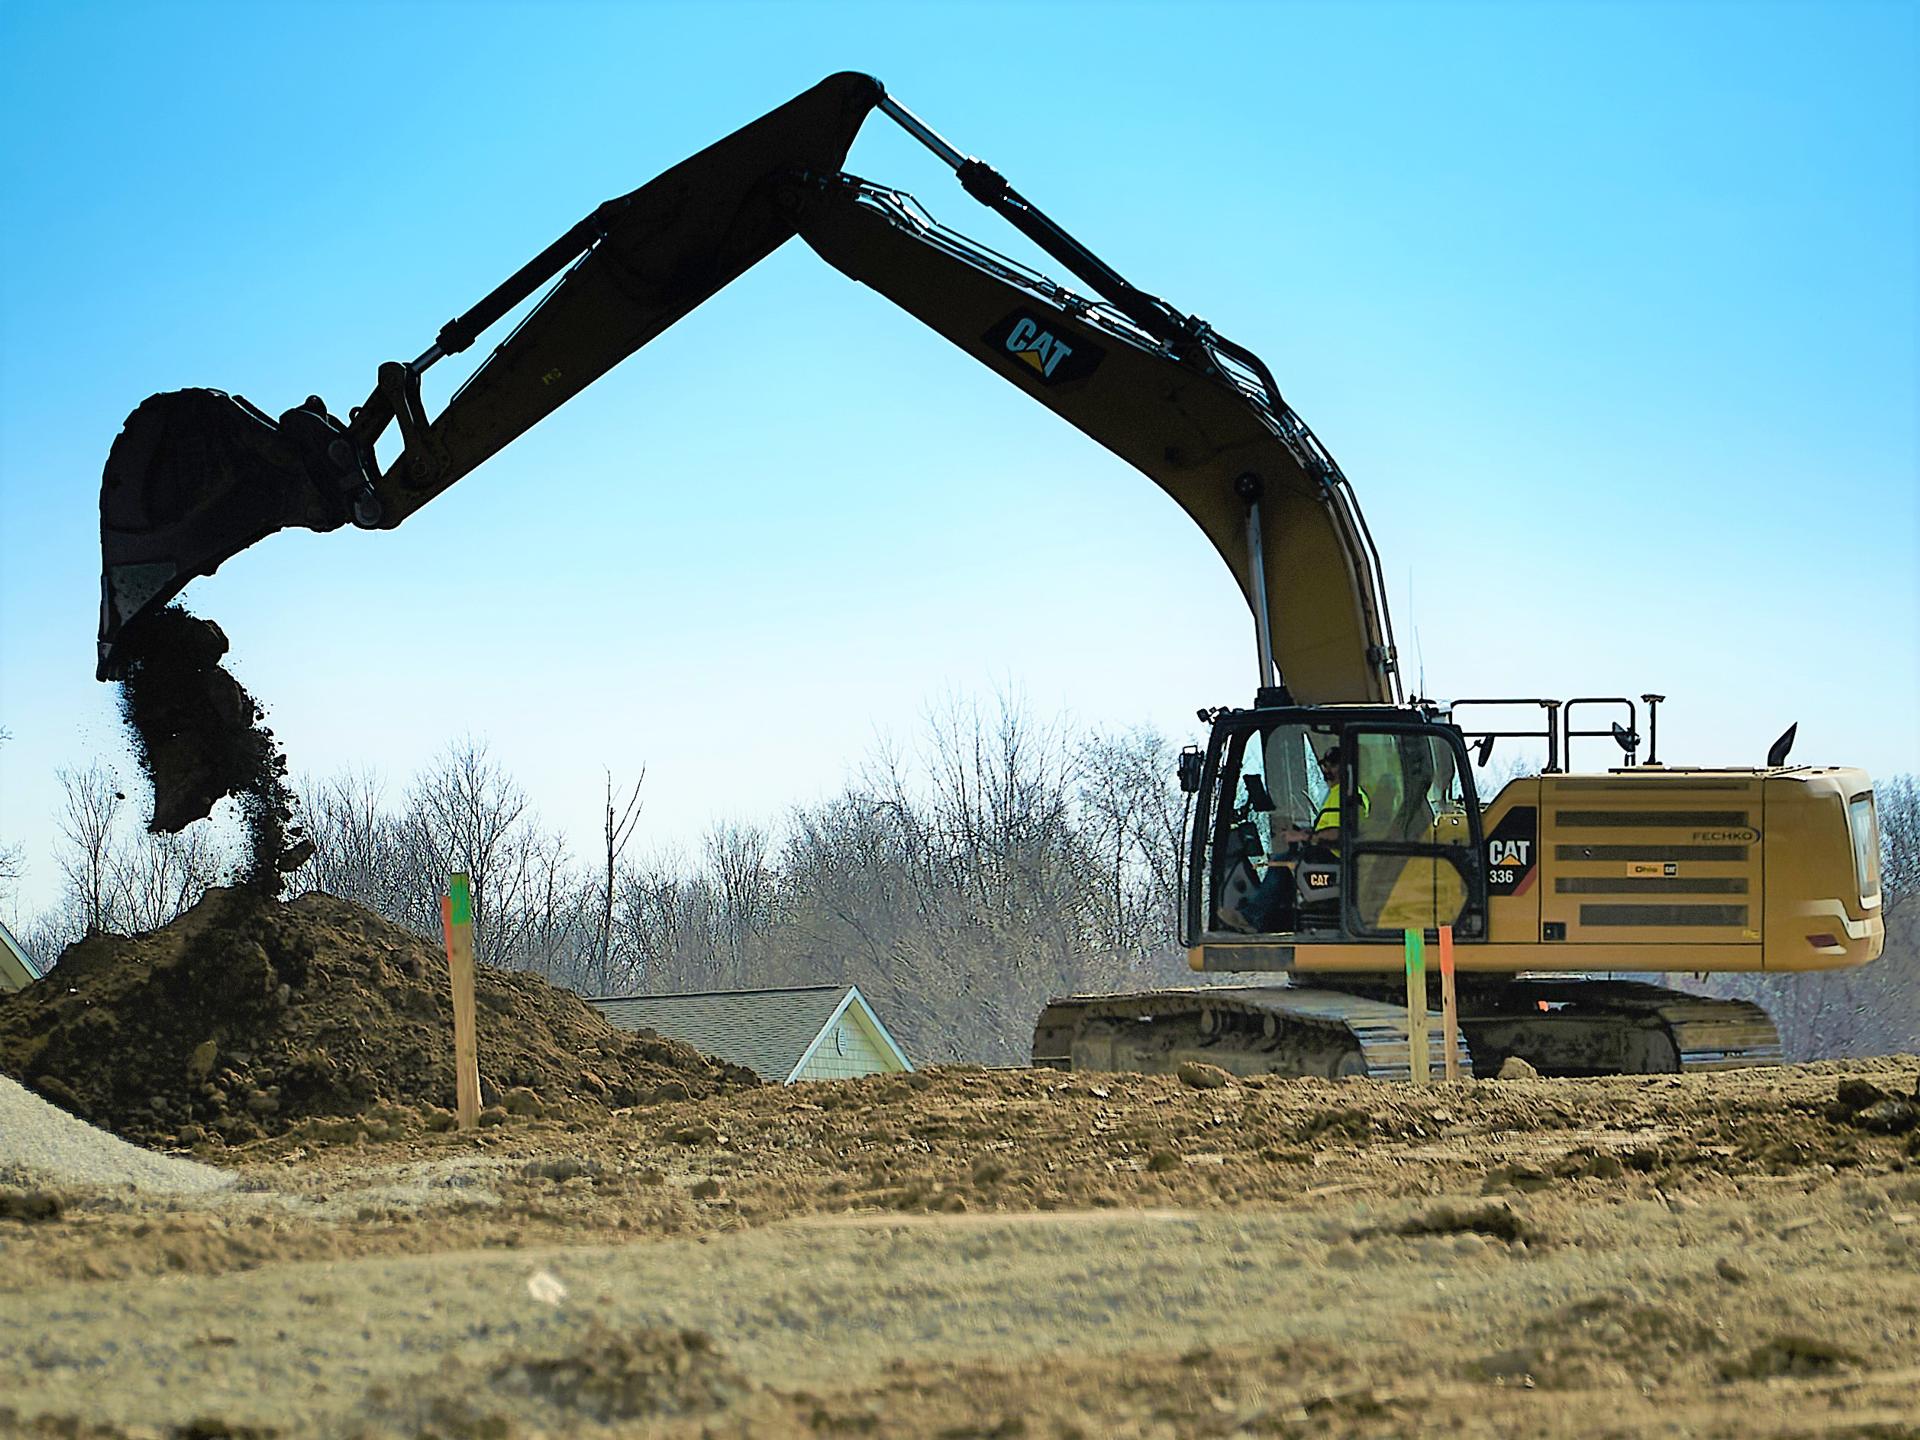 Excavation Today